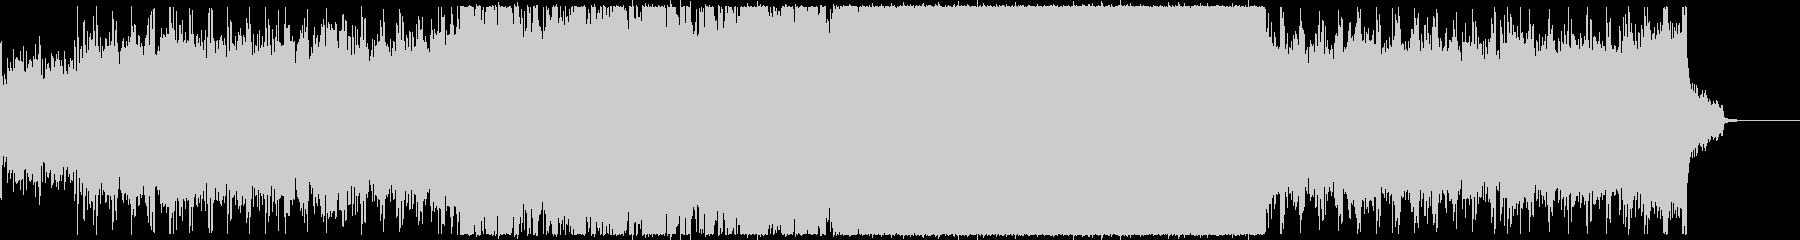 BALLADアメリカンロックバラードの未再生の波形